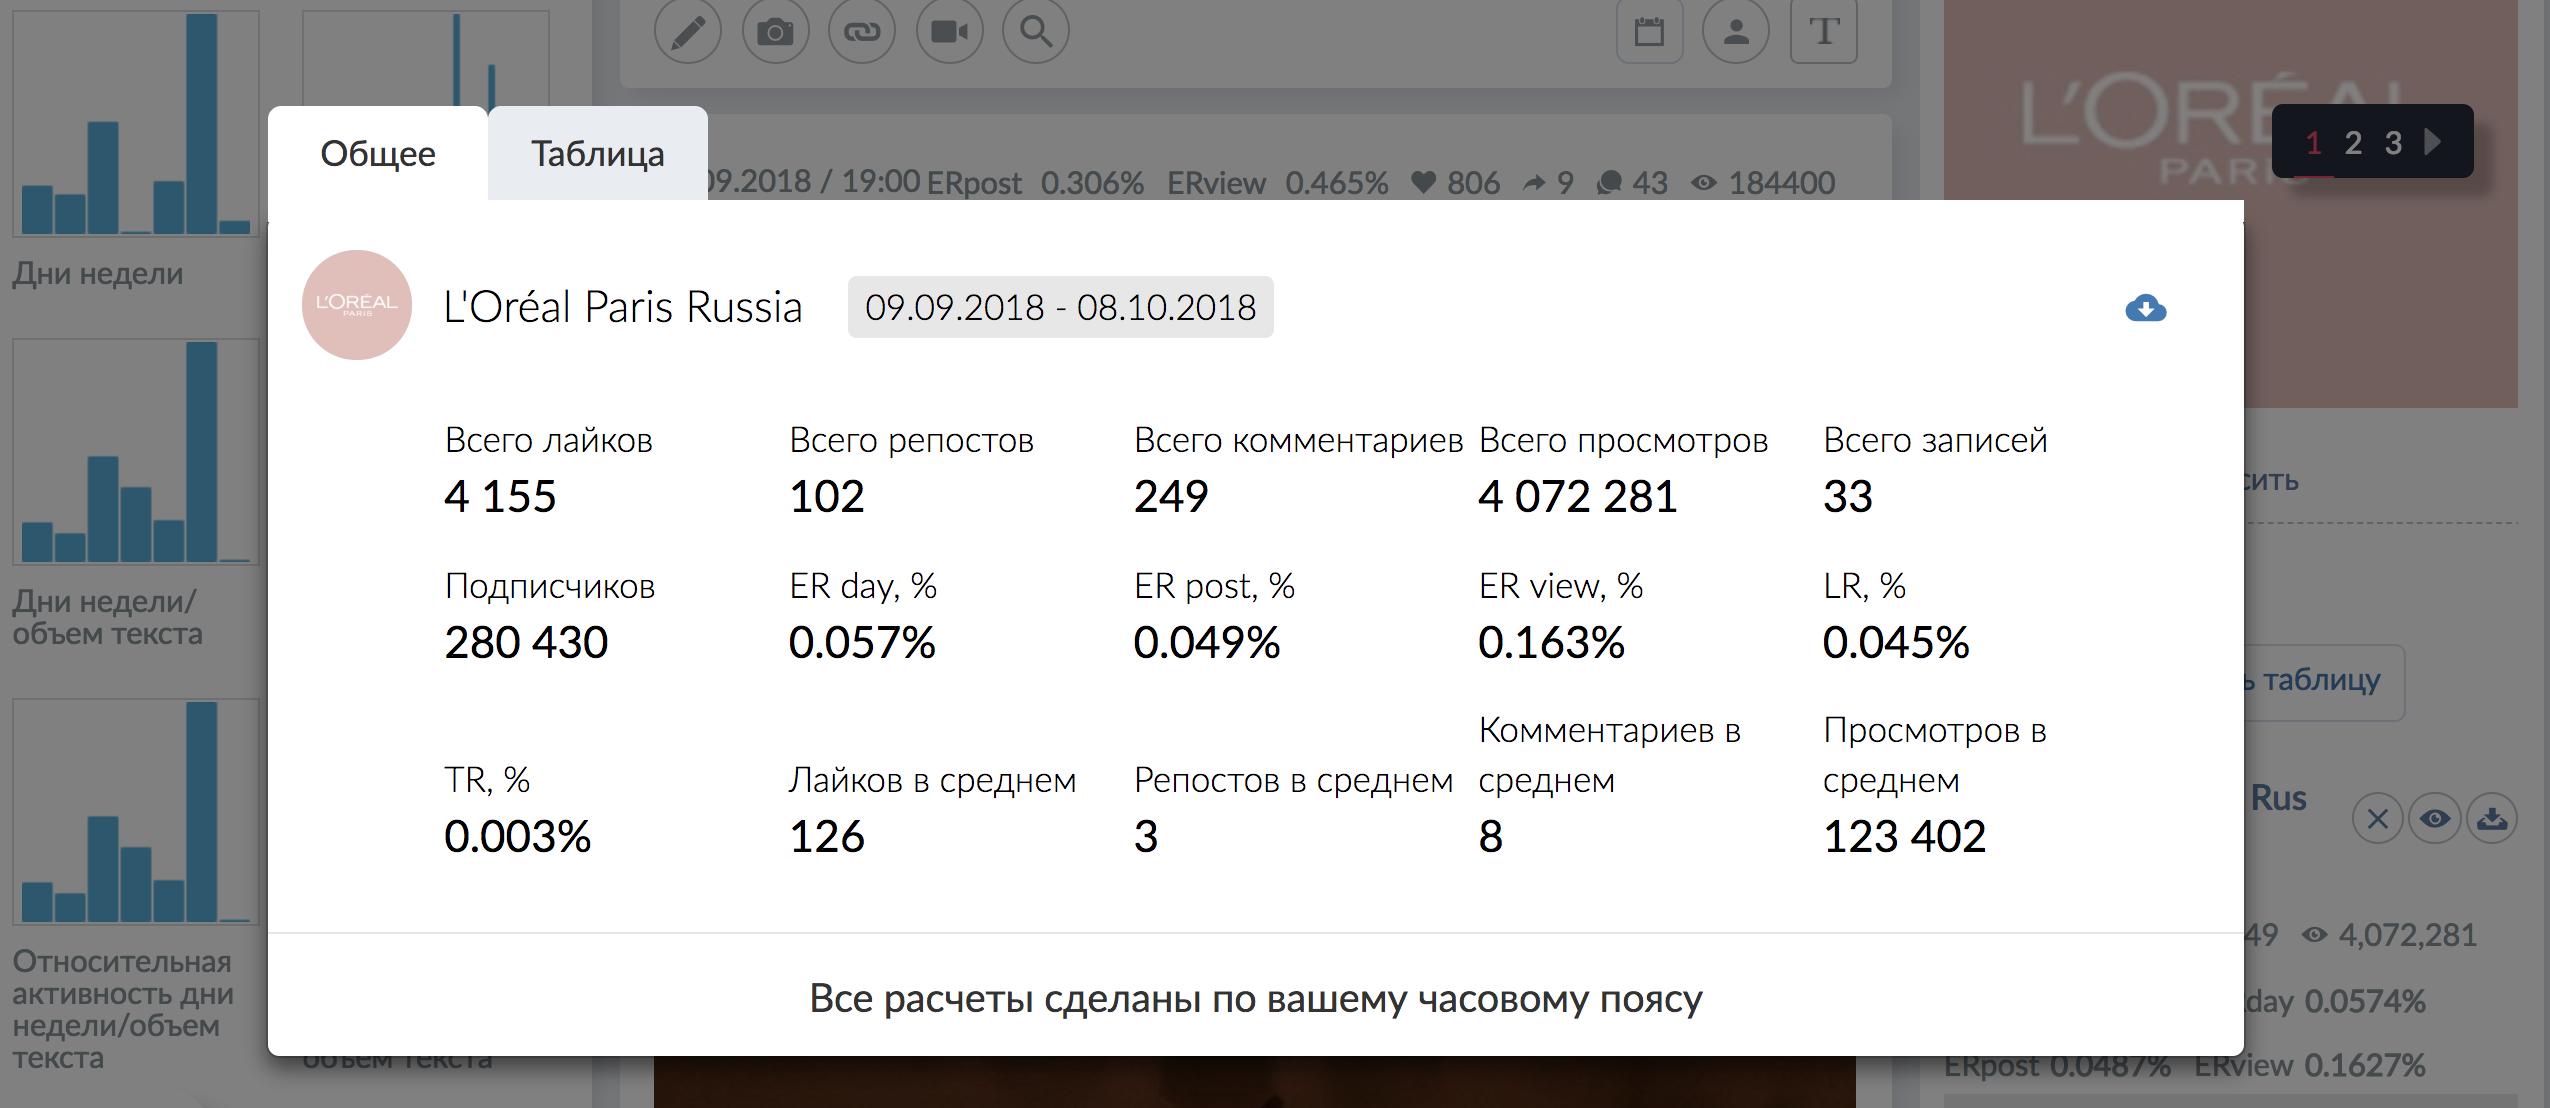 Сводная таблица с результатами анализа контента конкурентов